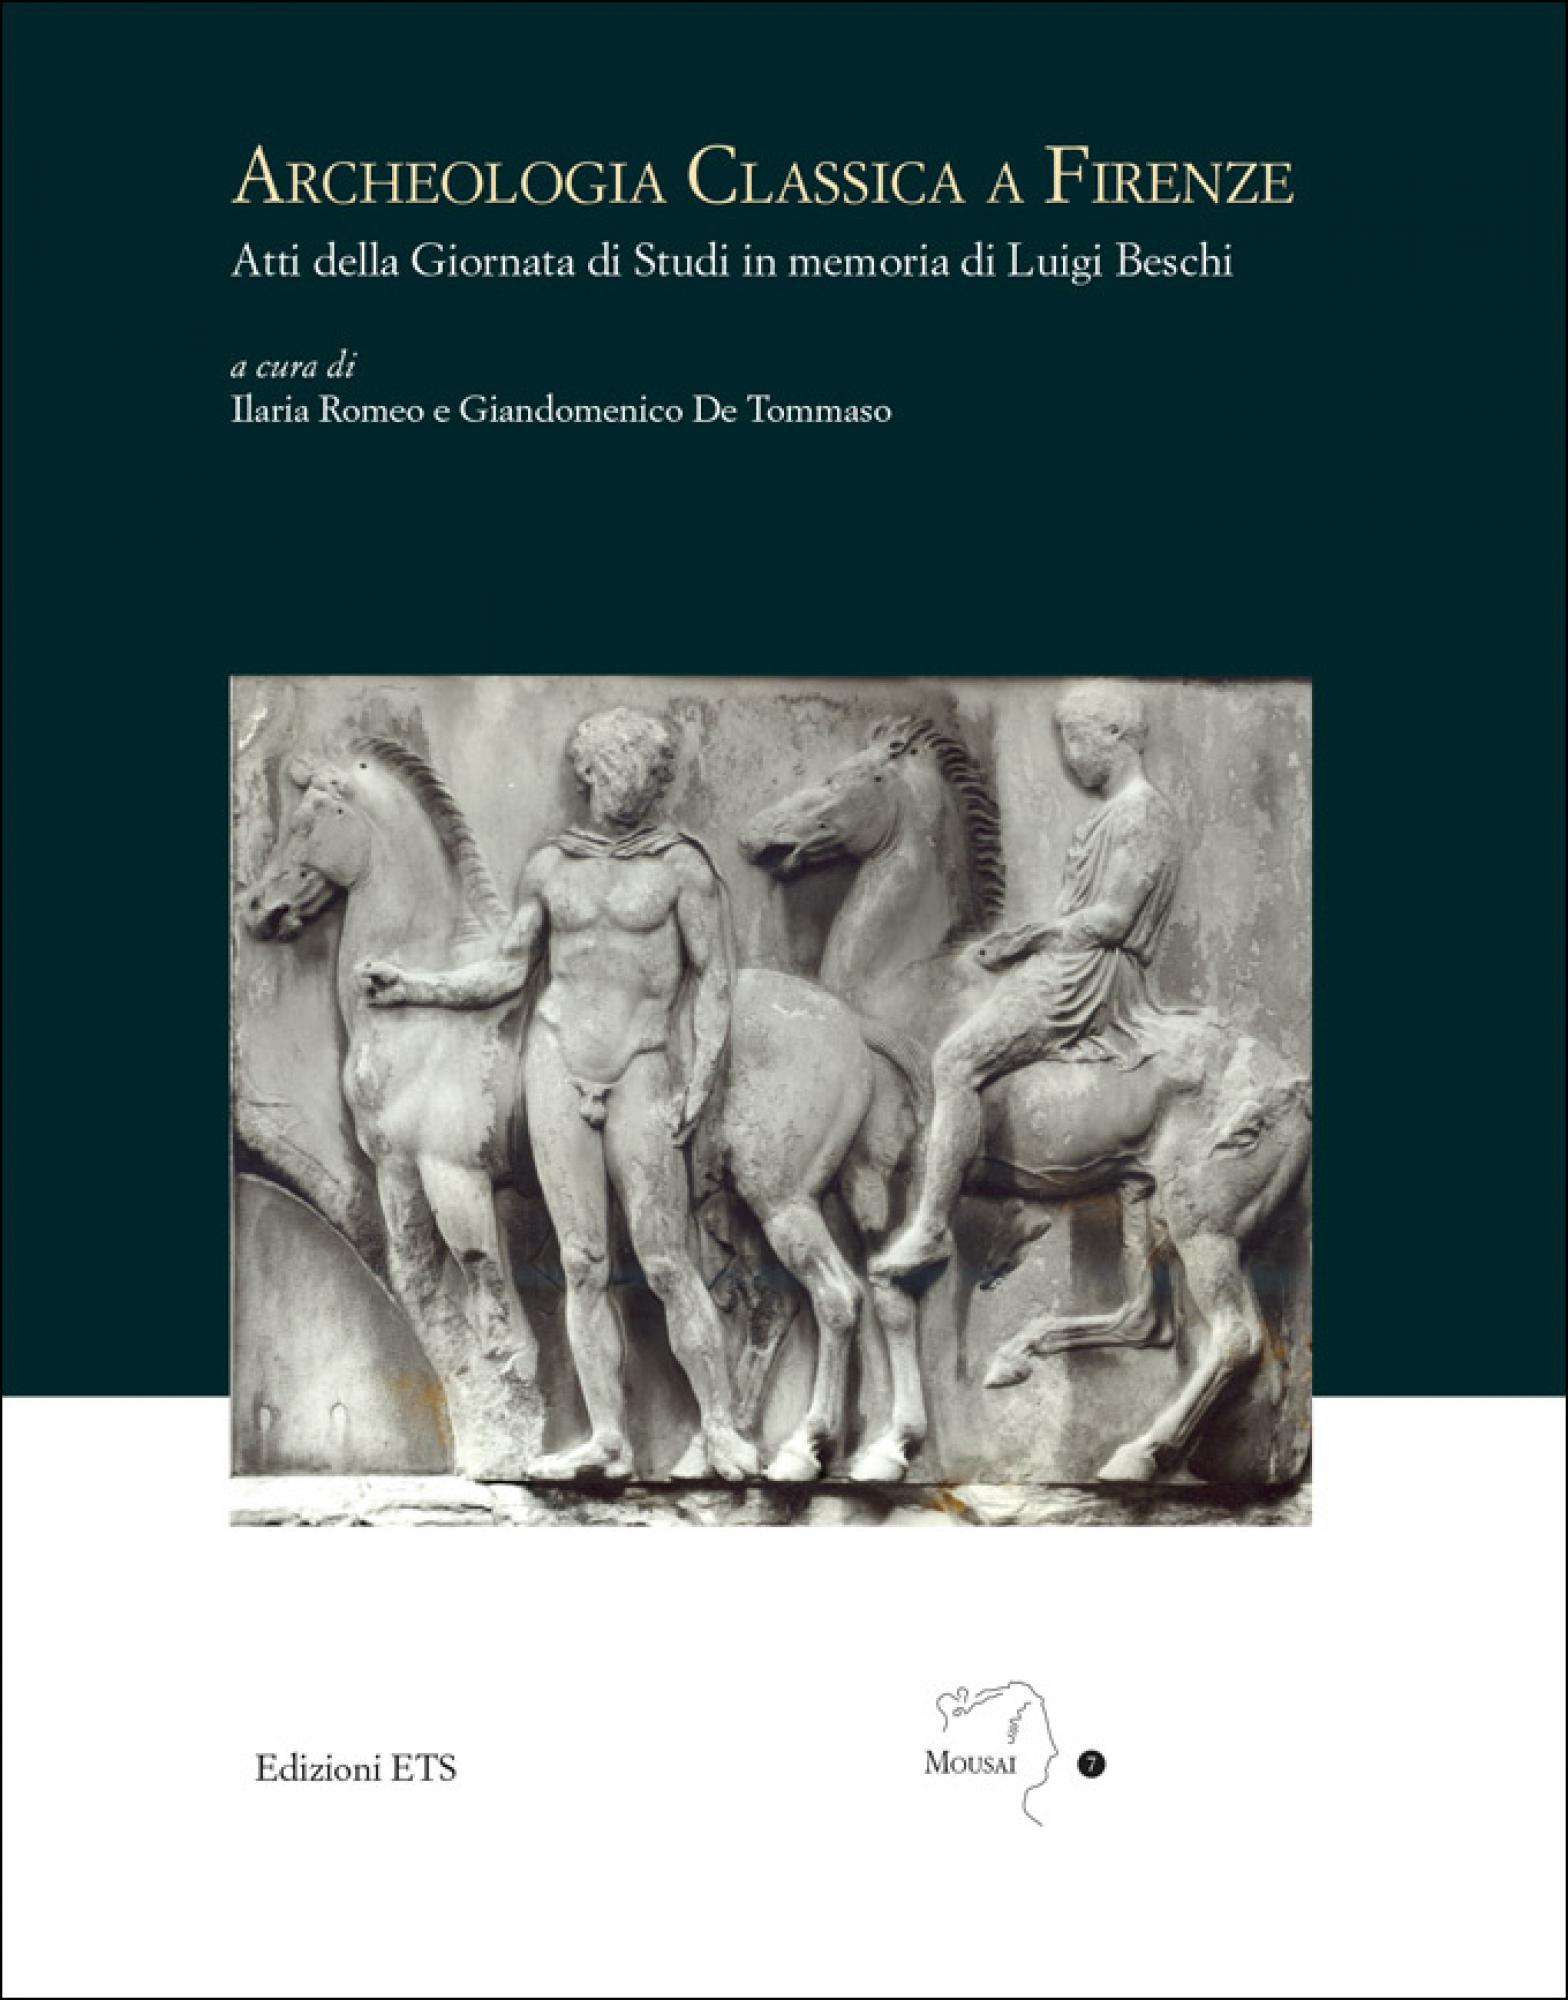 Archeologia classica a Firenze.Atti della Giornata di Studi in memoria di Luigi Beschi